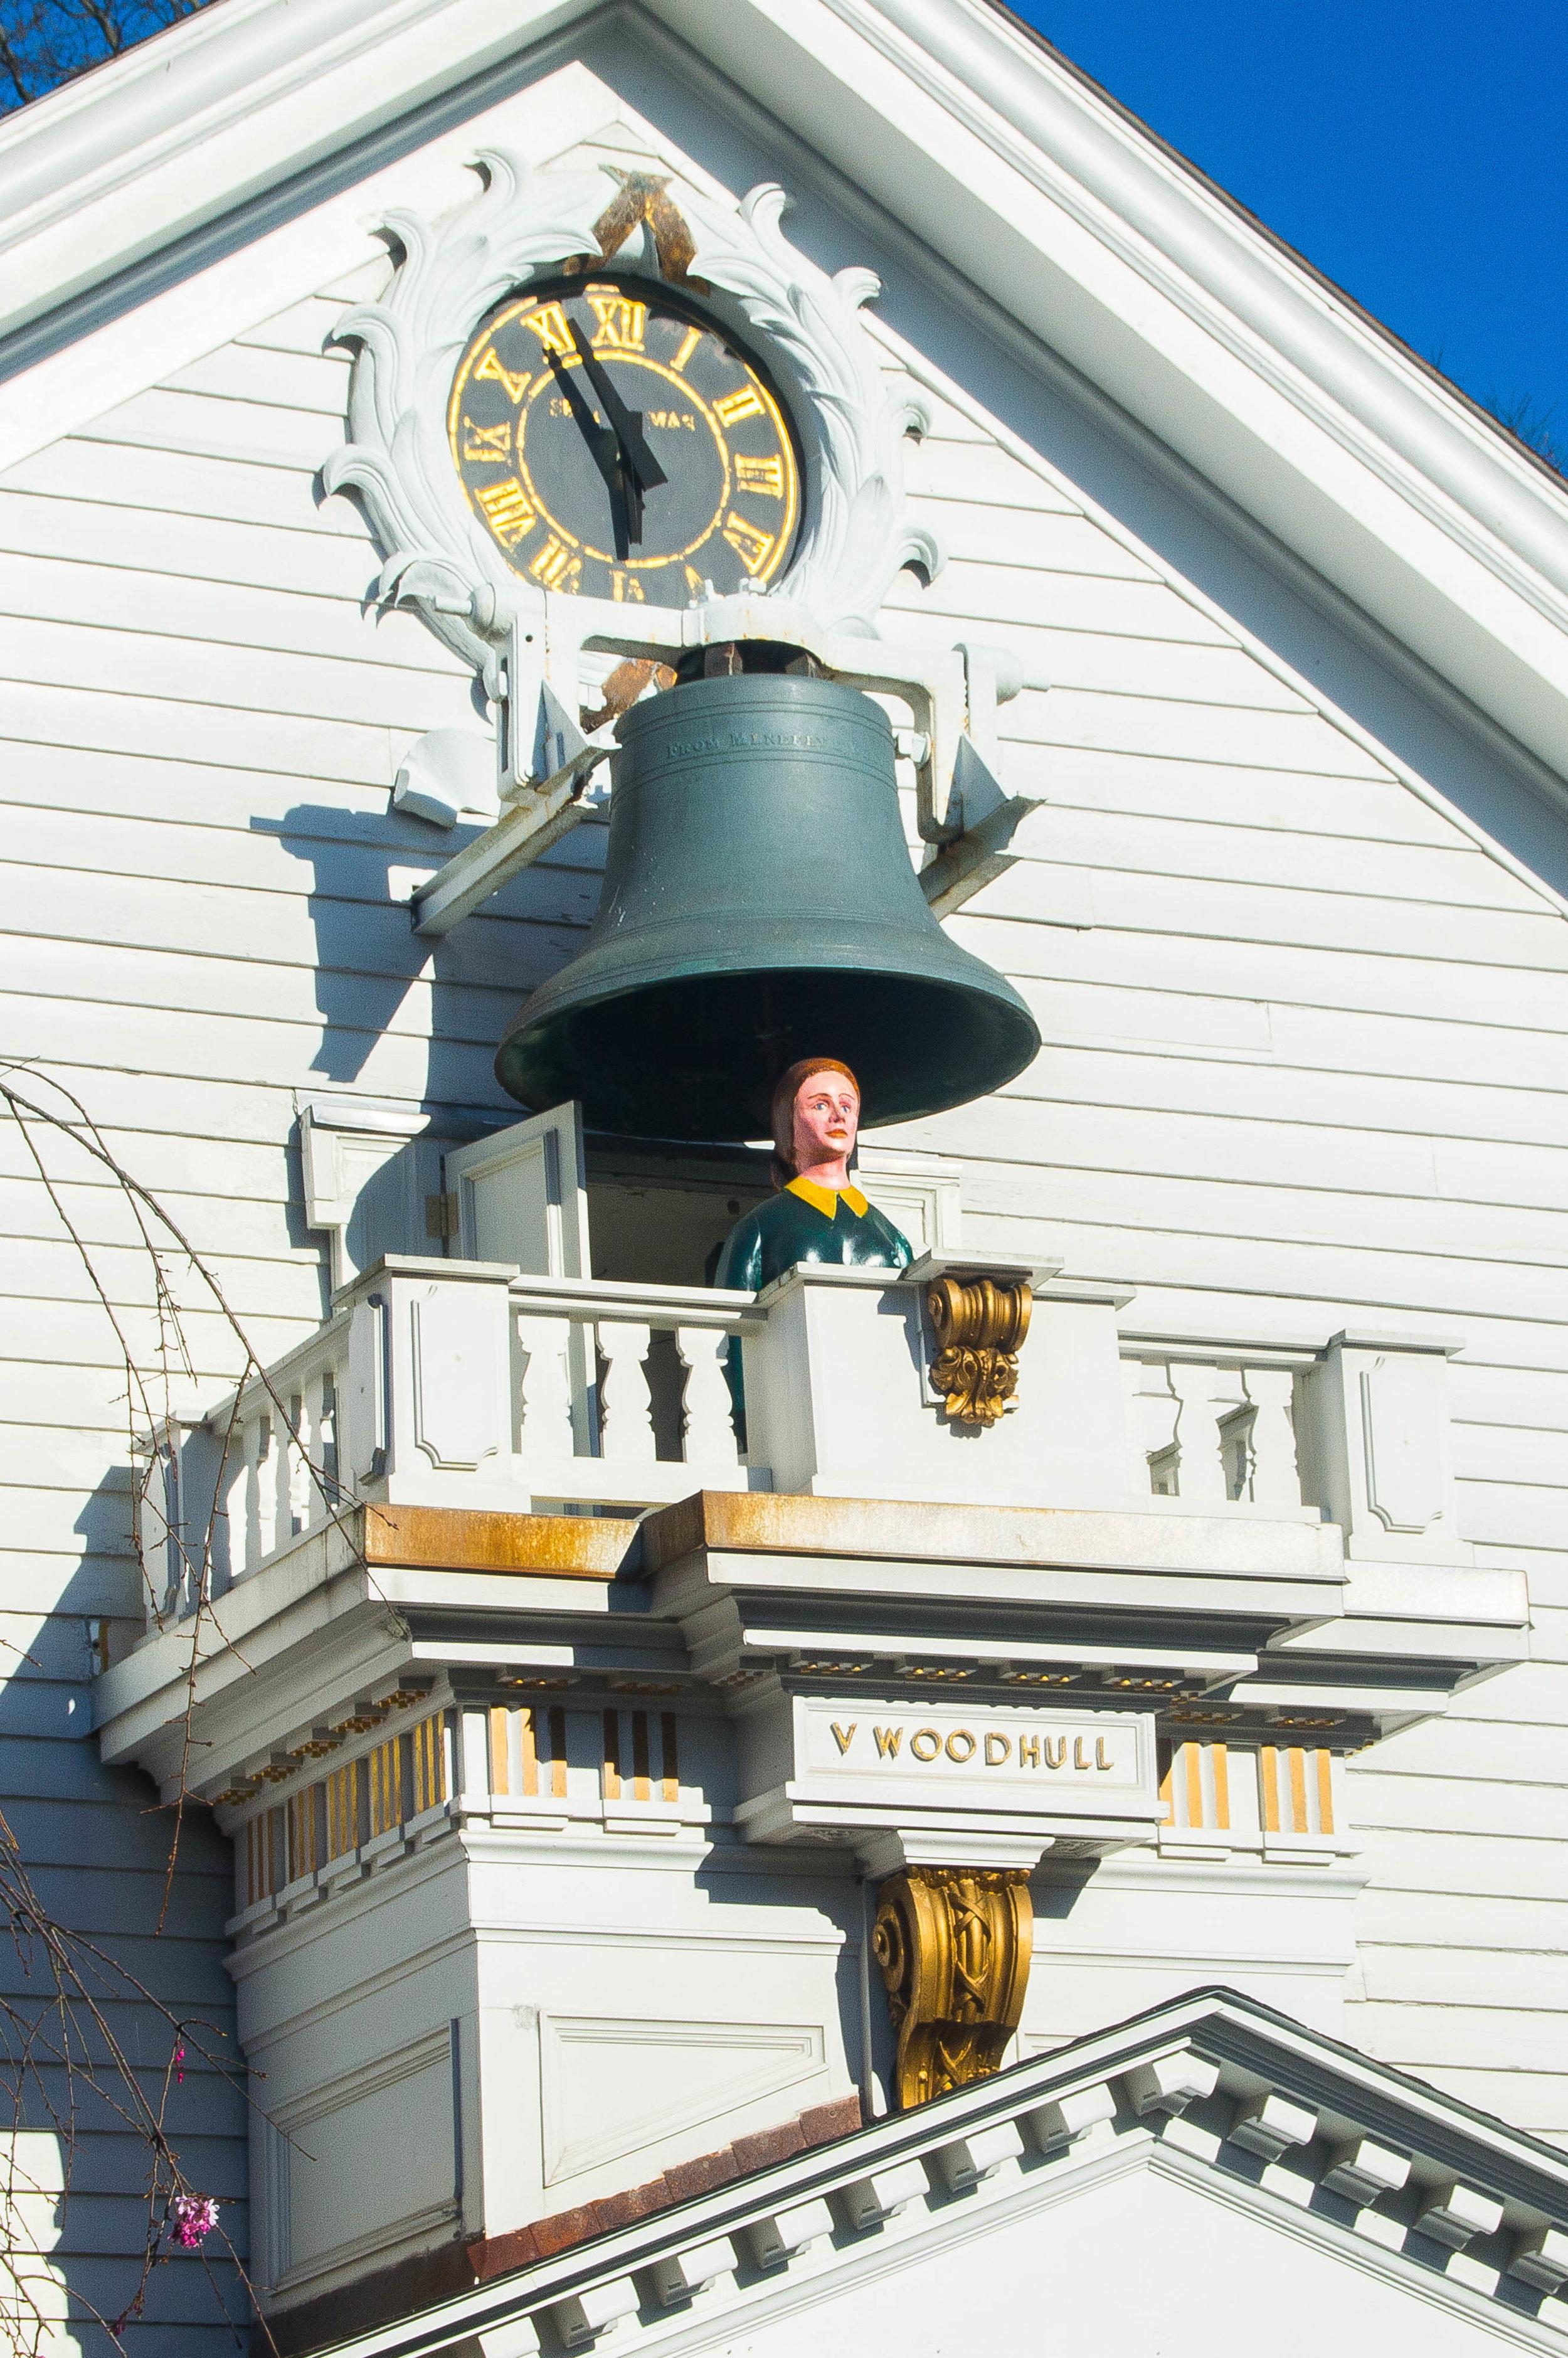 Woodhull Clock Tower.jpg